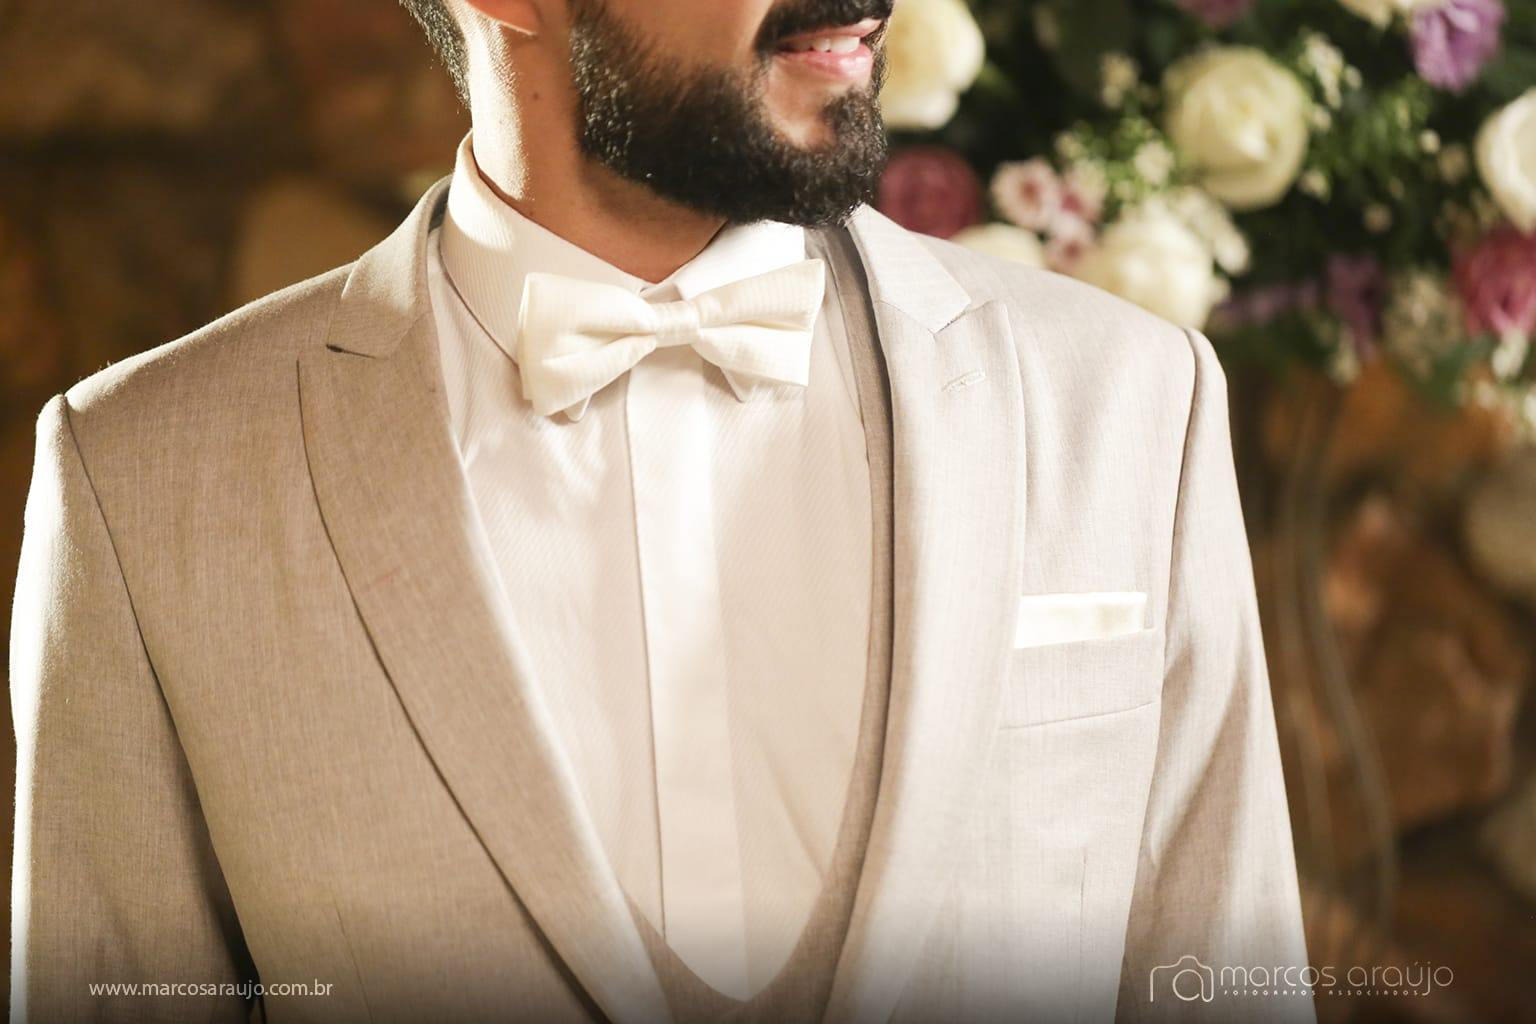 Erros comuns na hora de escolher o traje do noivo